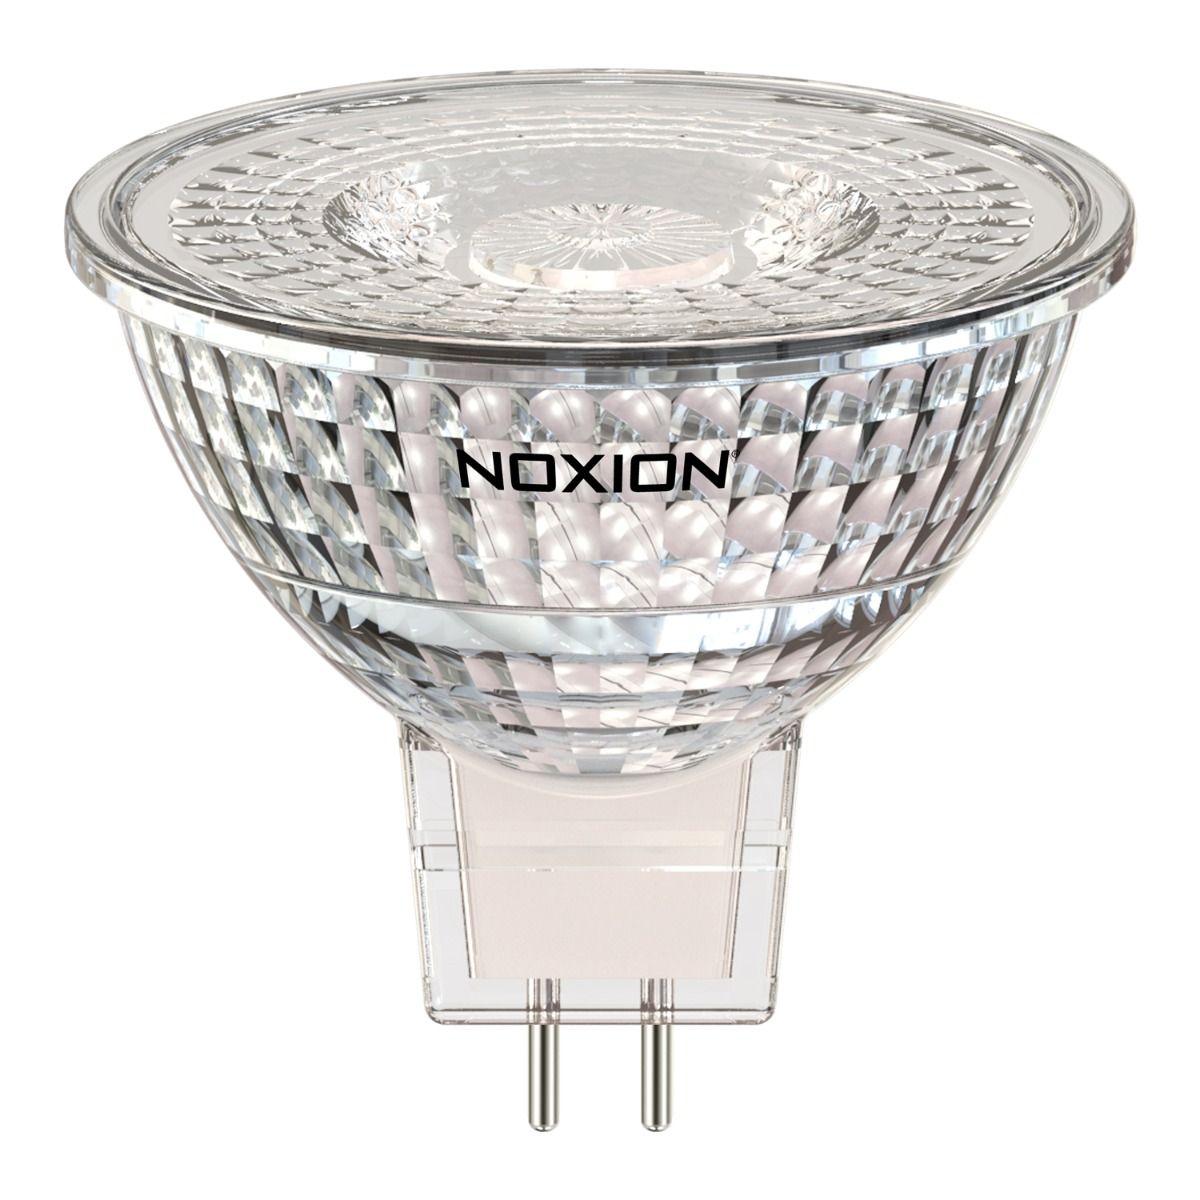 Noxion Spot LED GU5.3 5W 827 36D 470lm   Dimmable - Blanc Très Chaud - Substitut 35W